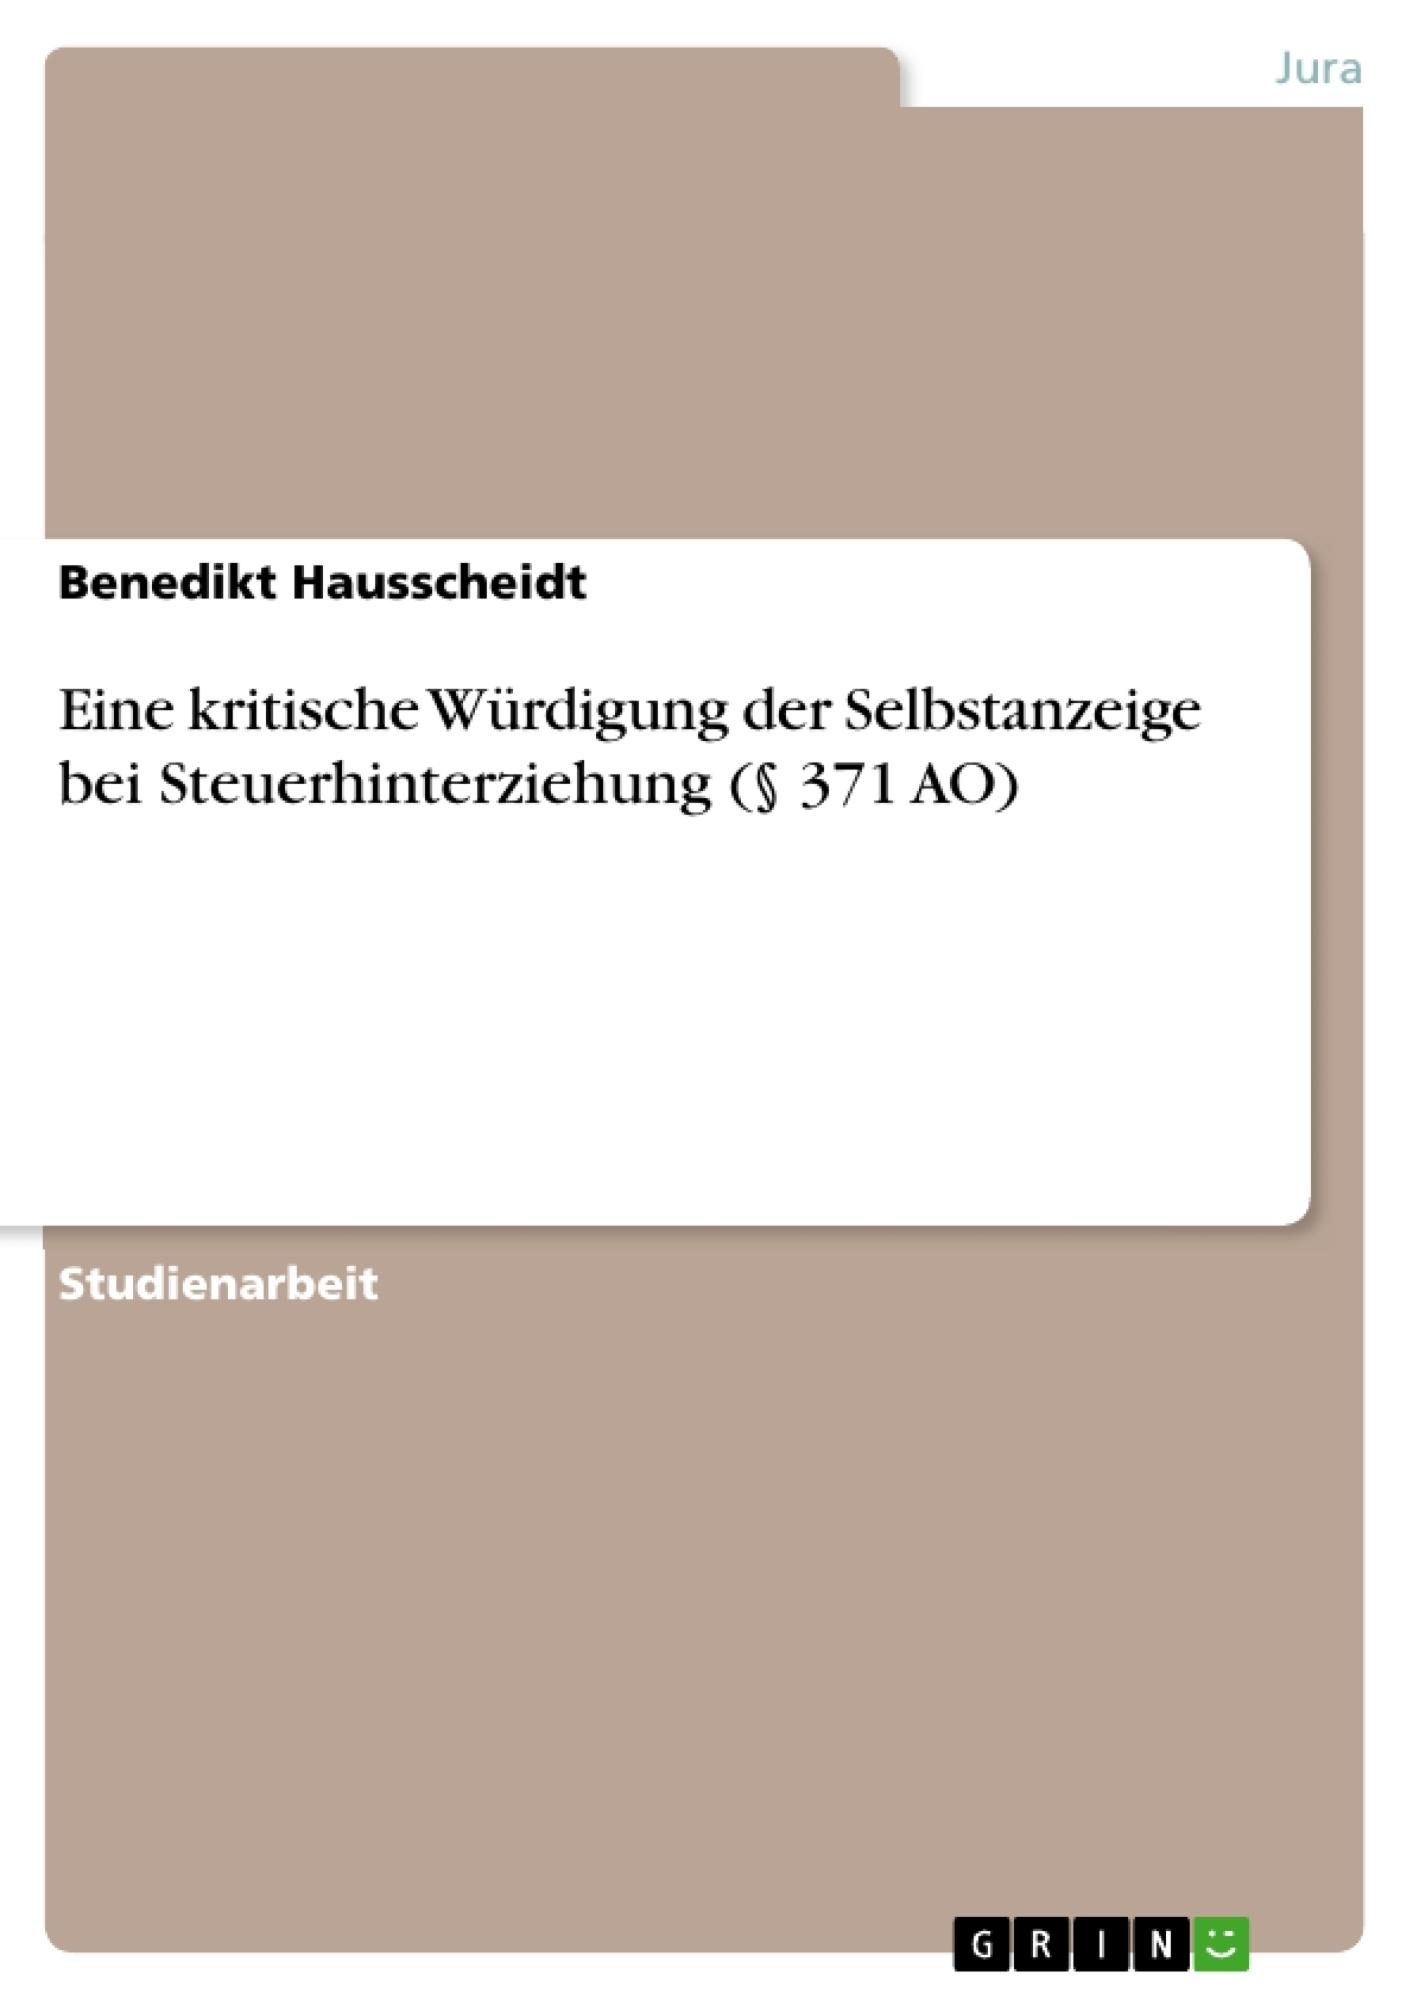 Titel: Eine kritische Würdigung der Selbstanzeige bei Steuerhinterziehung (§ 371 AO)